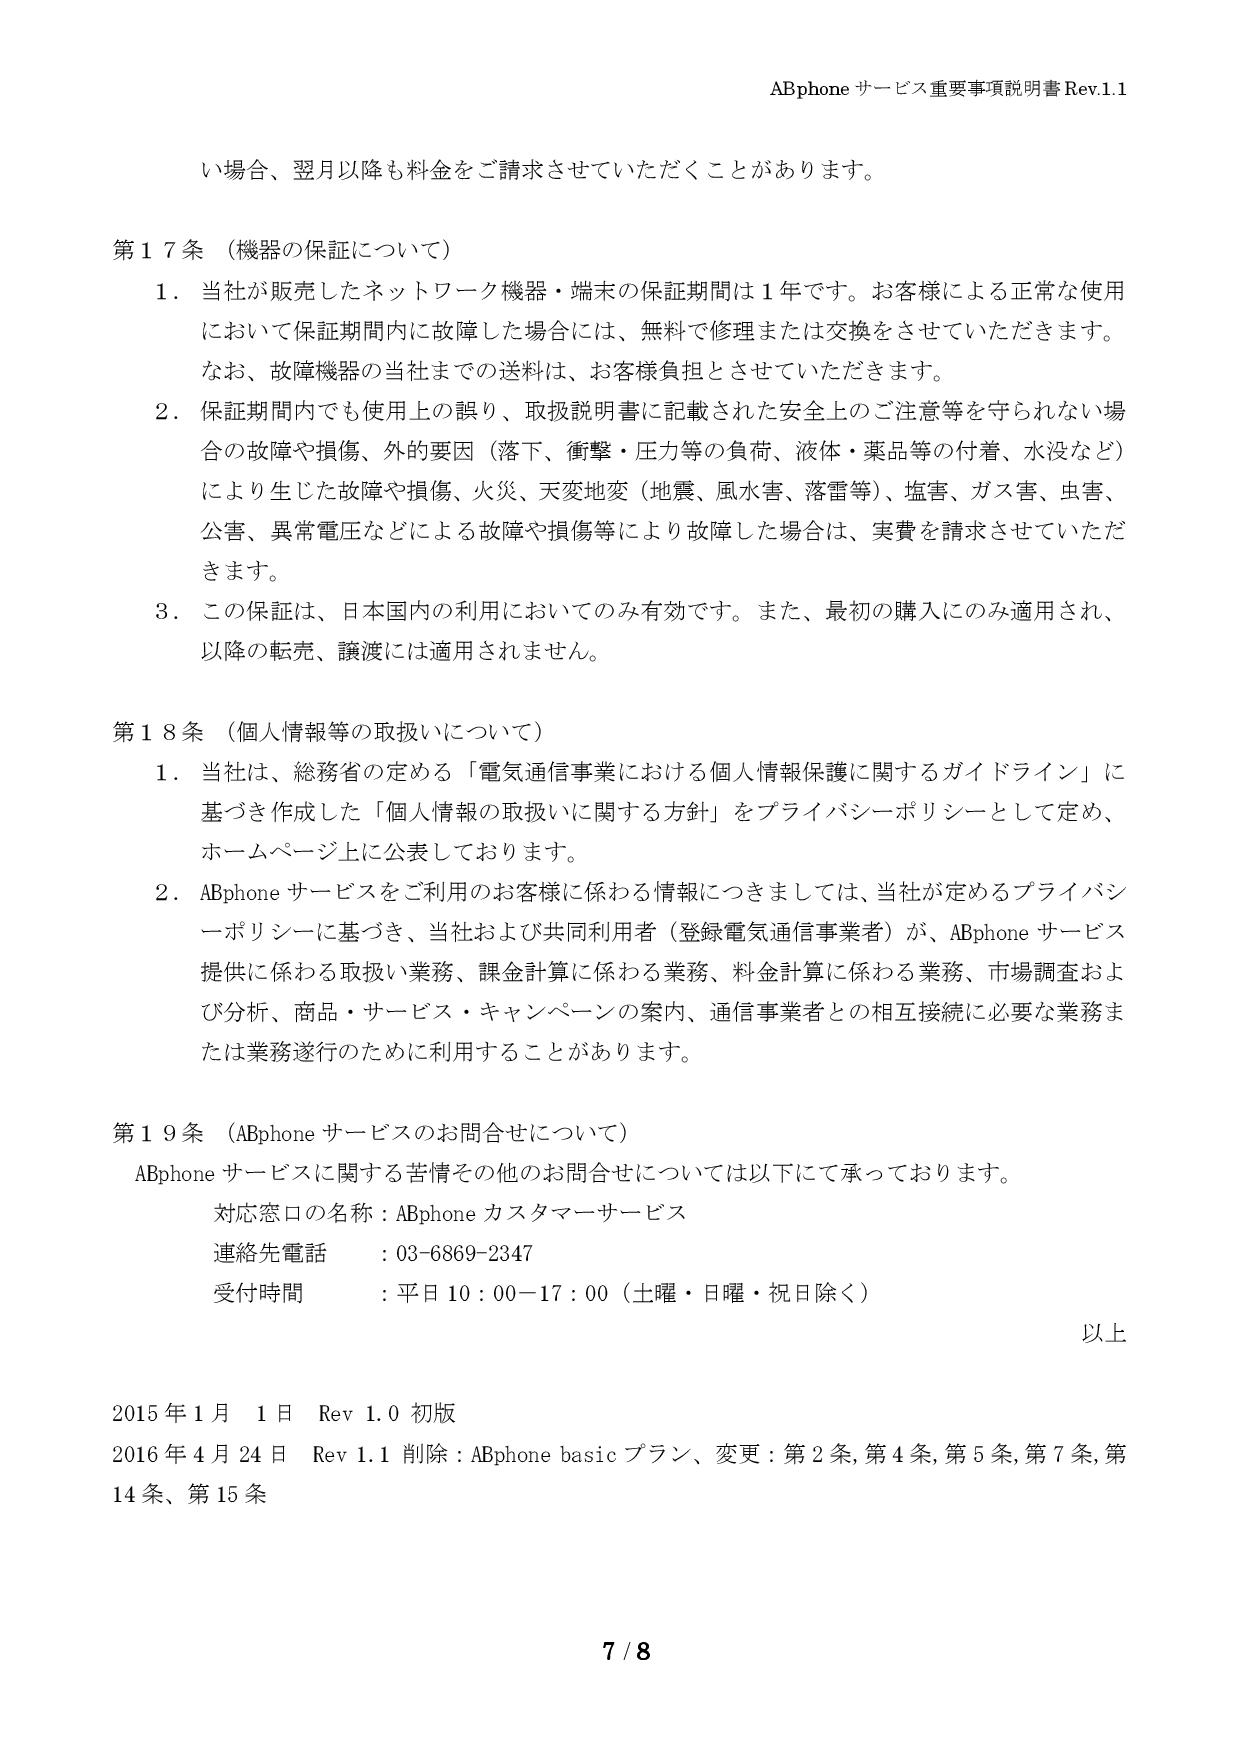 重要事項説明 7/8